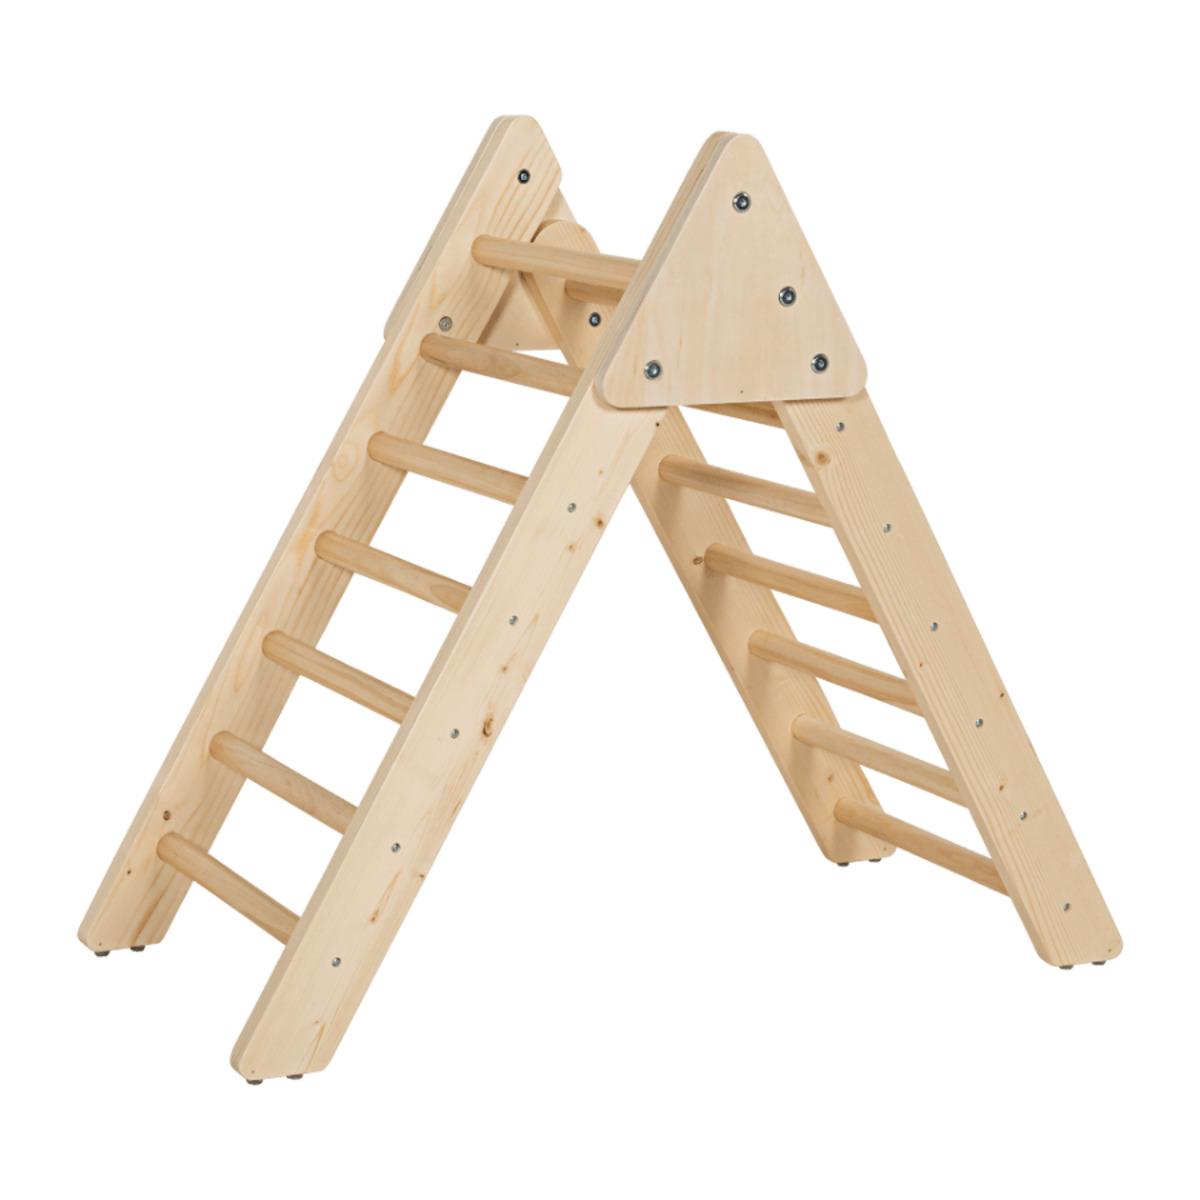 Bild 2 von PLAYLAND     Holz-Klettergerät